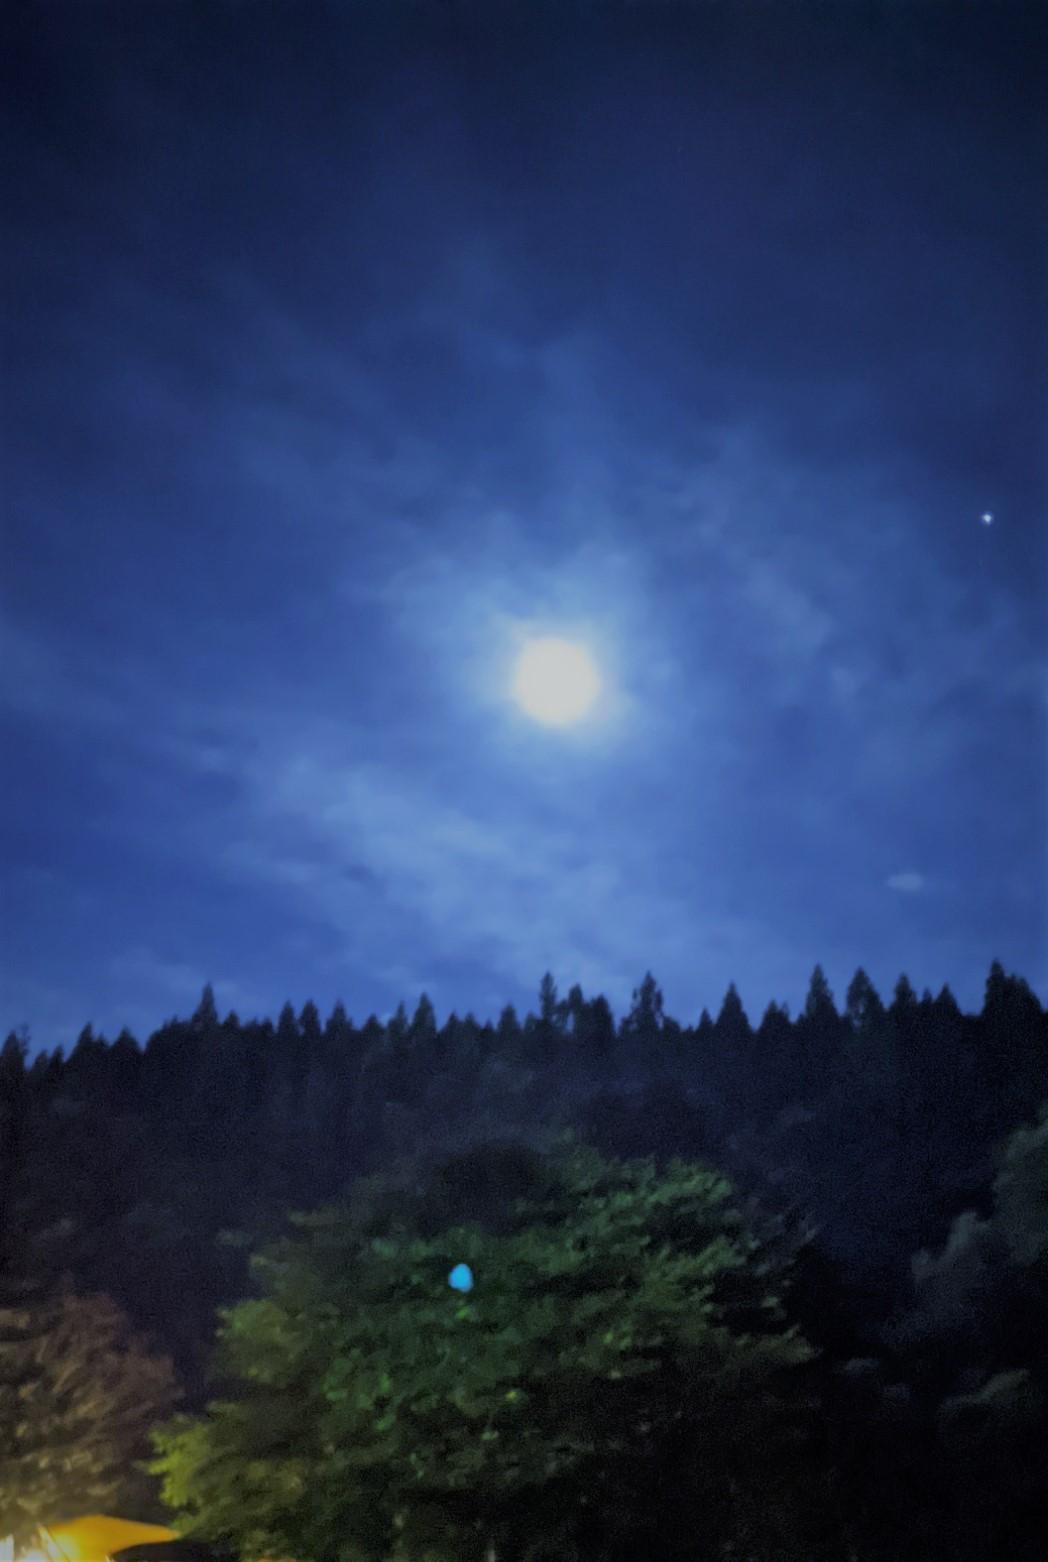 今年はきれいな月見ができました。きれいなものをきれいと感じられる心でありたいですね